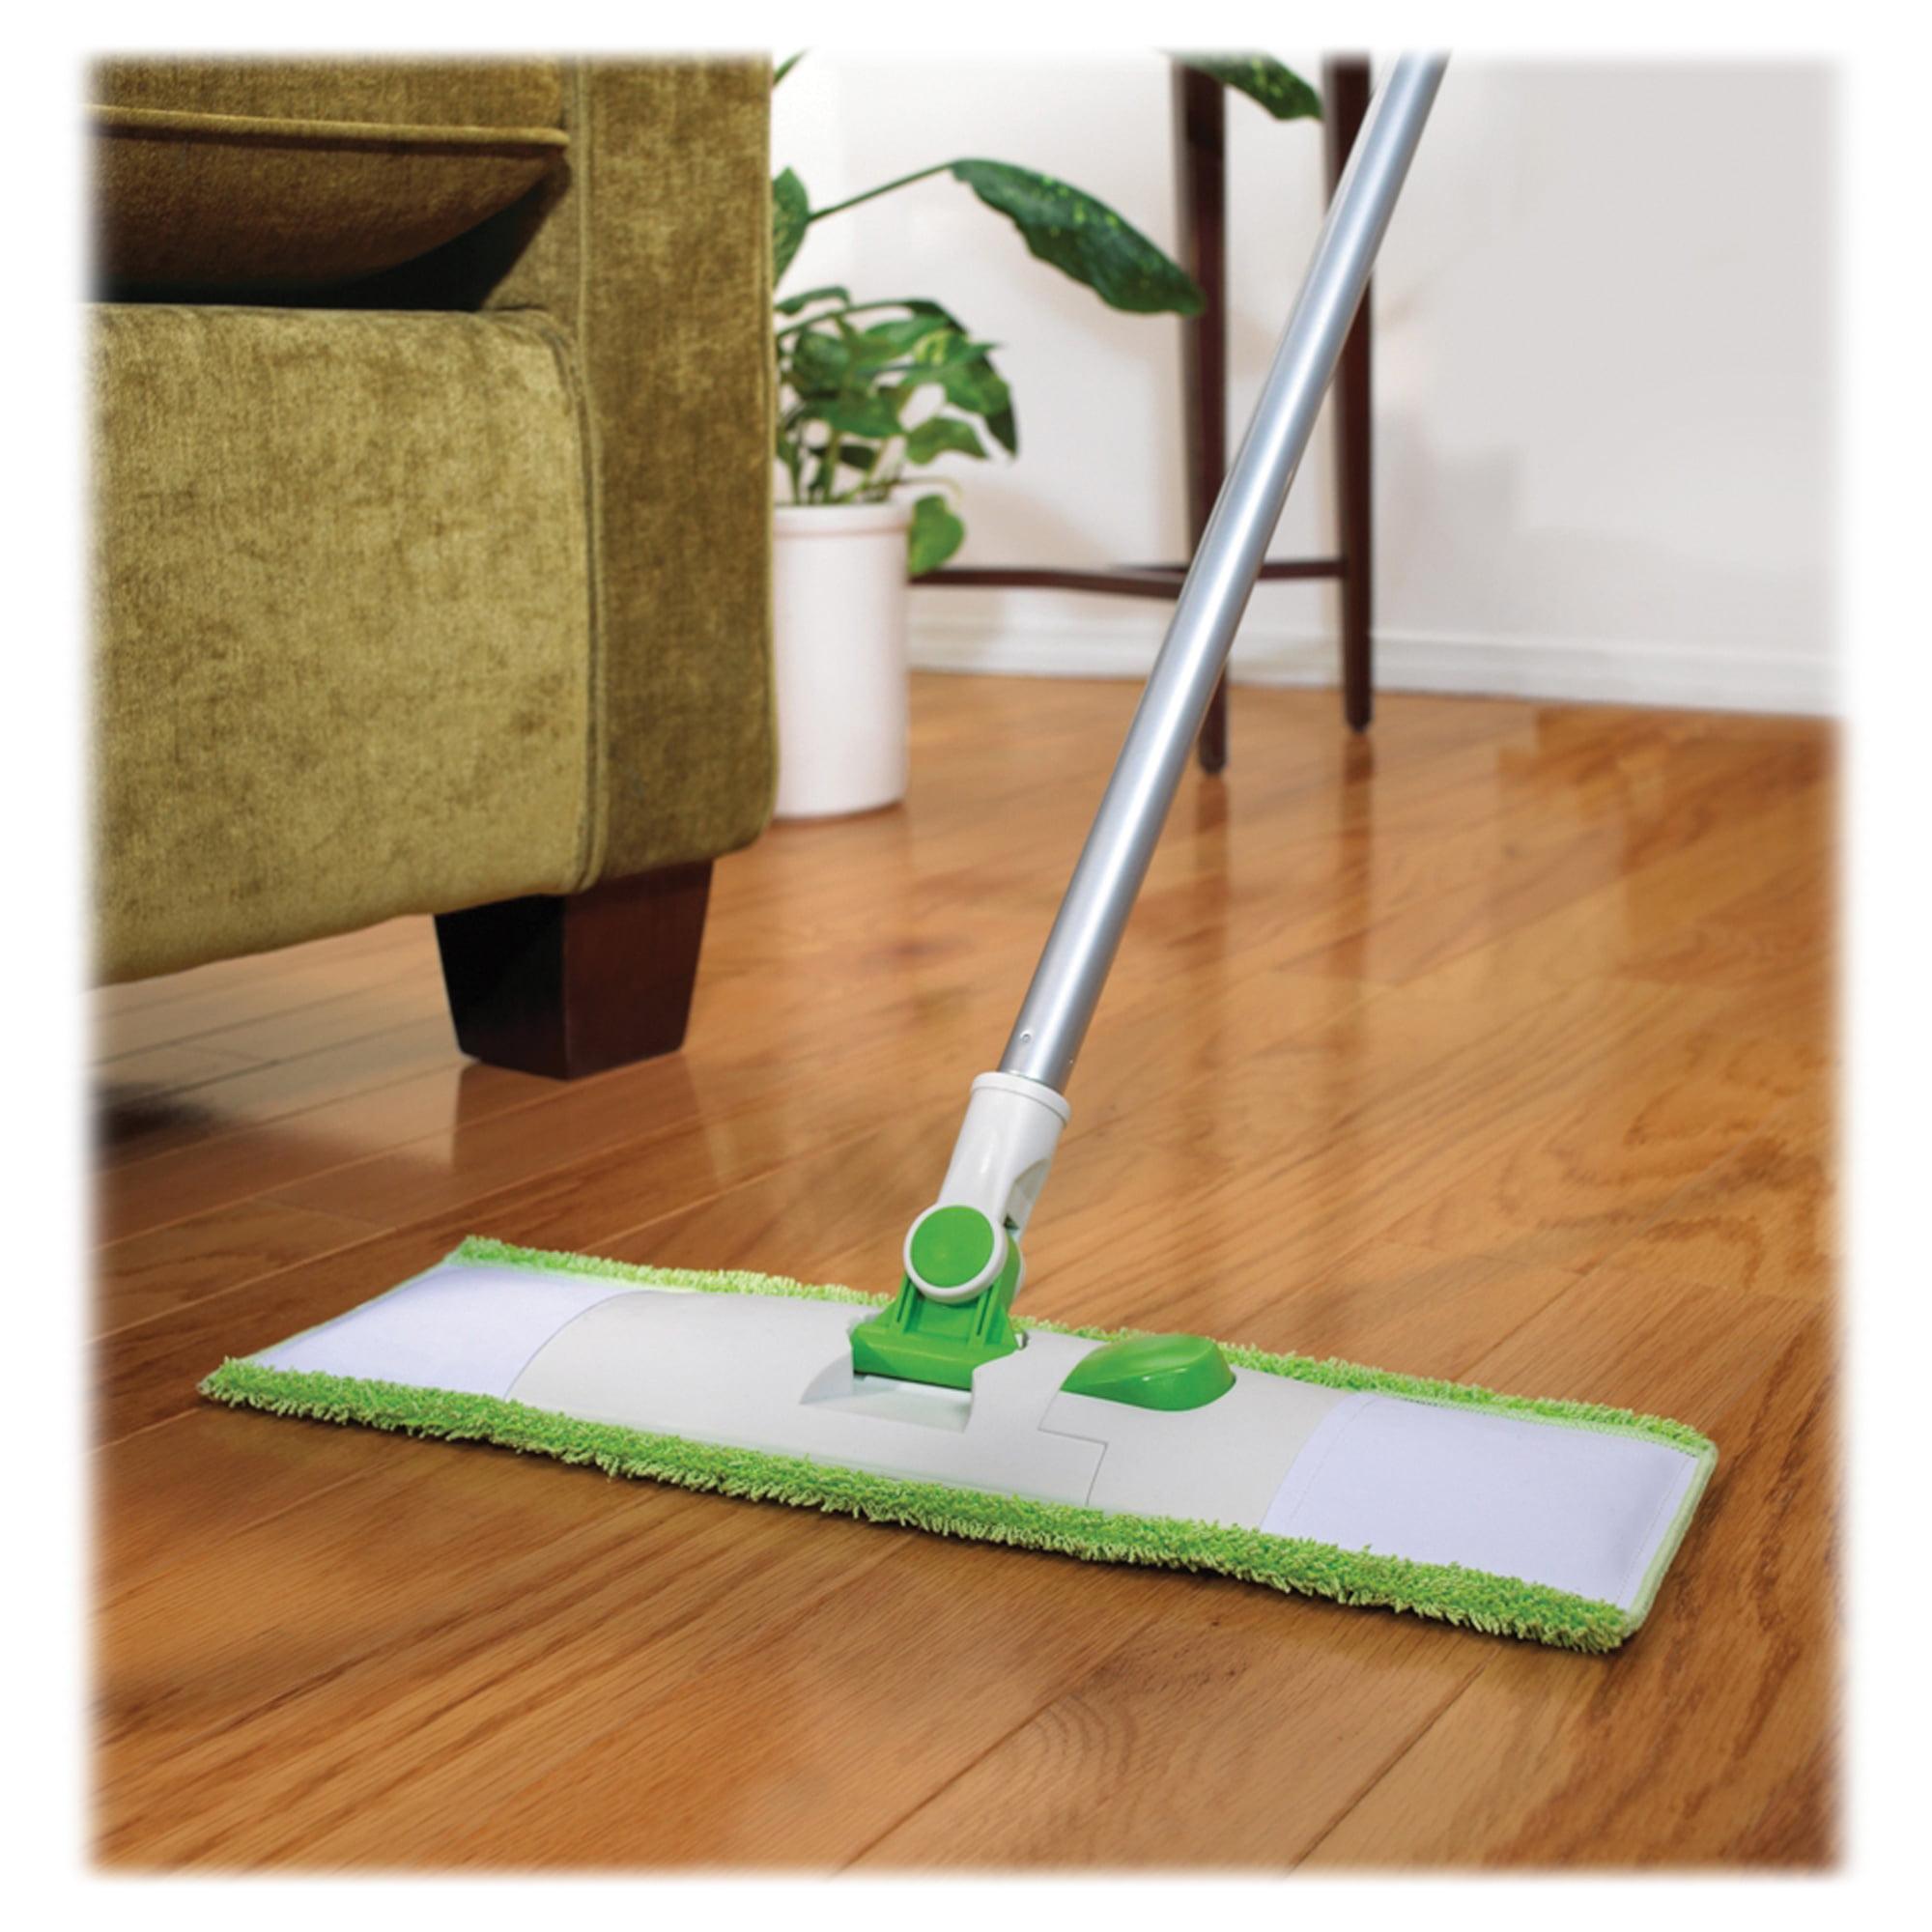 broom vacuum chicago floor floors flooring hardwood cleaning shop sweeper